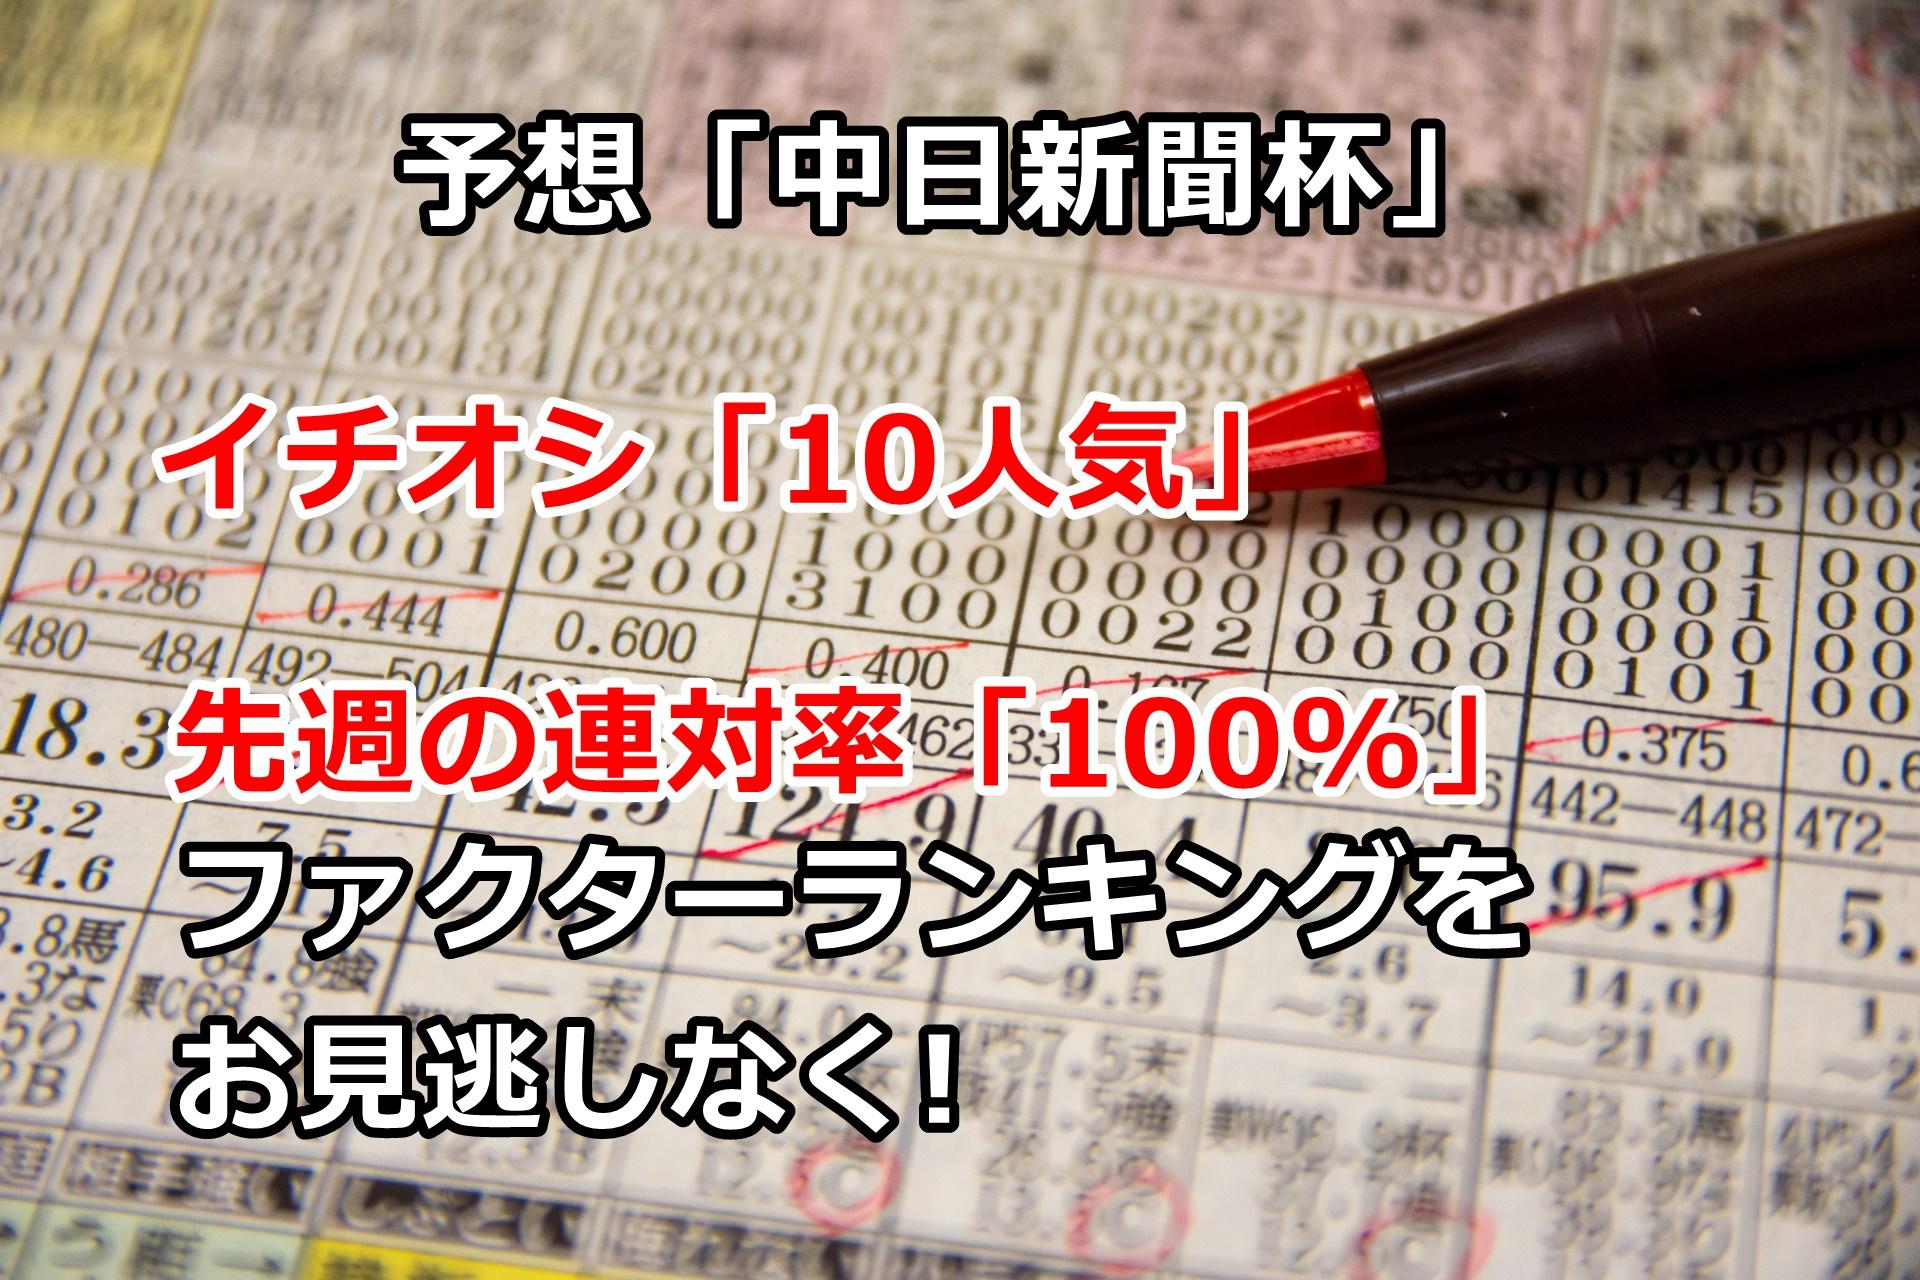 【競馬】ファクターランキング「連対率100%」 中日新聞杯の予想 第20回